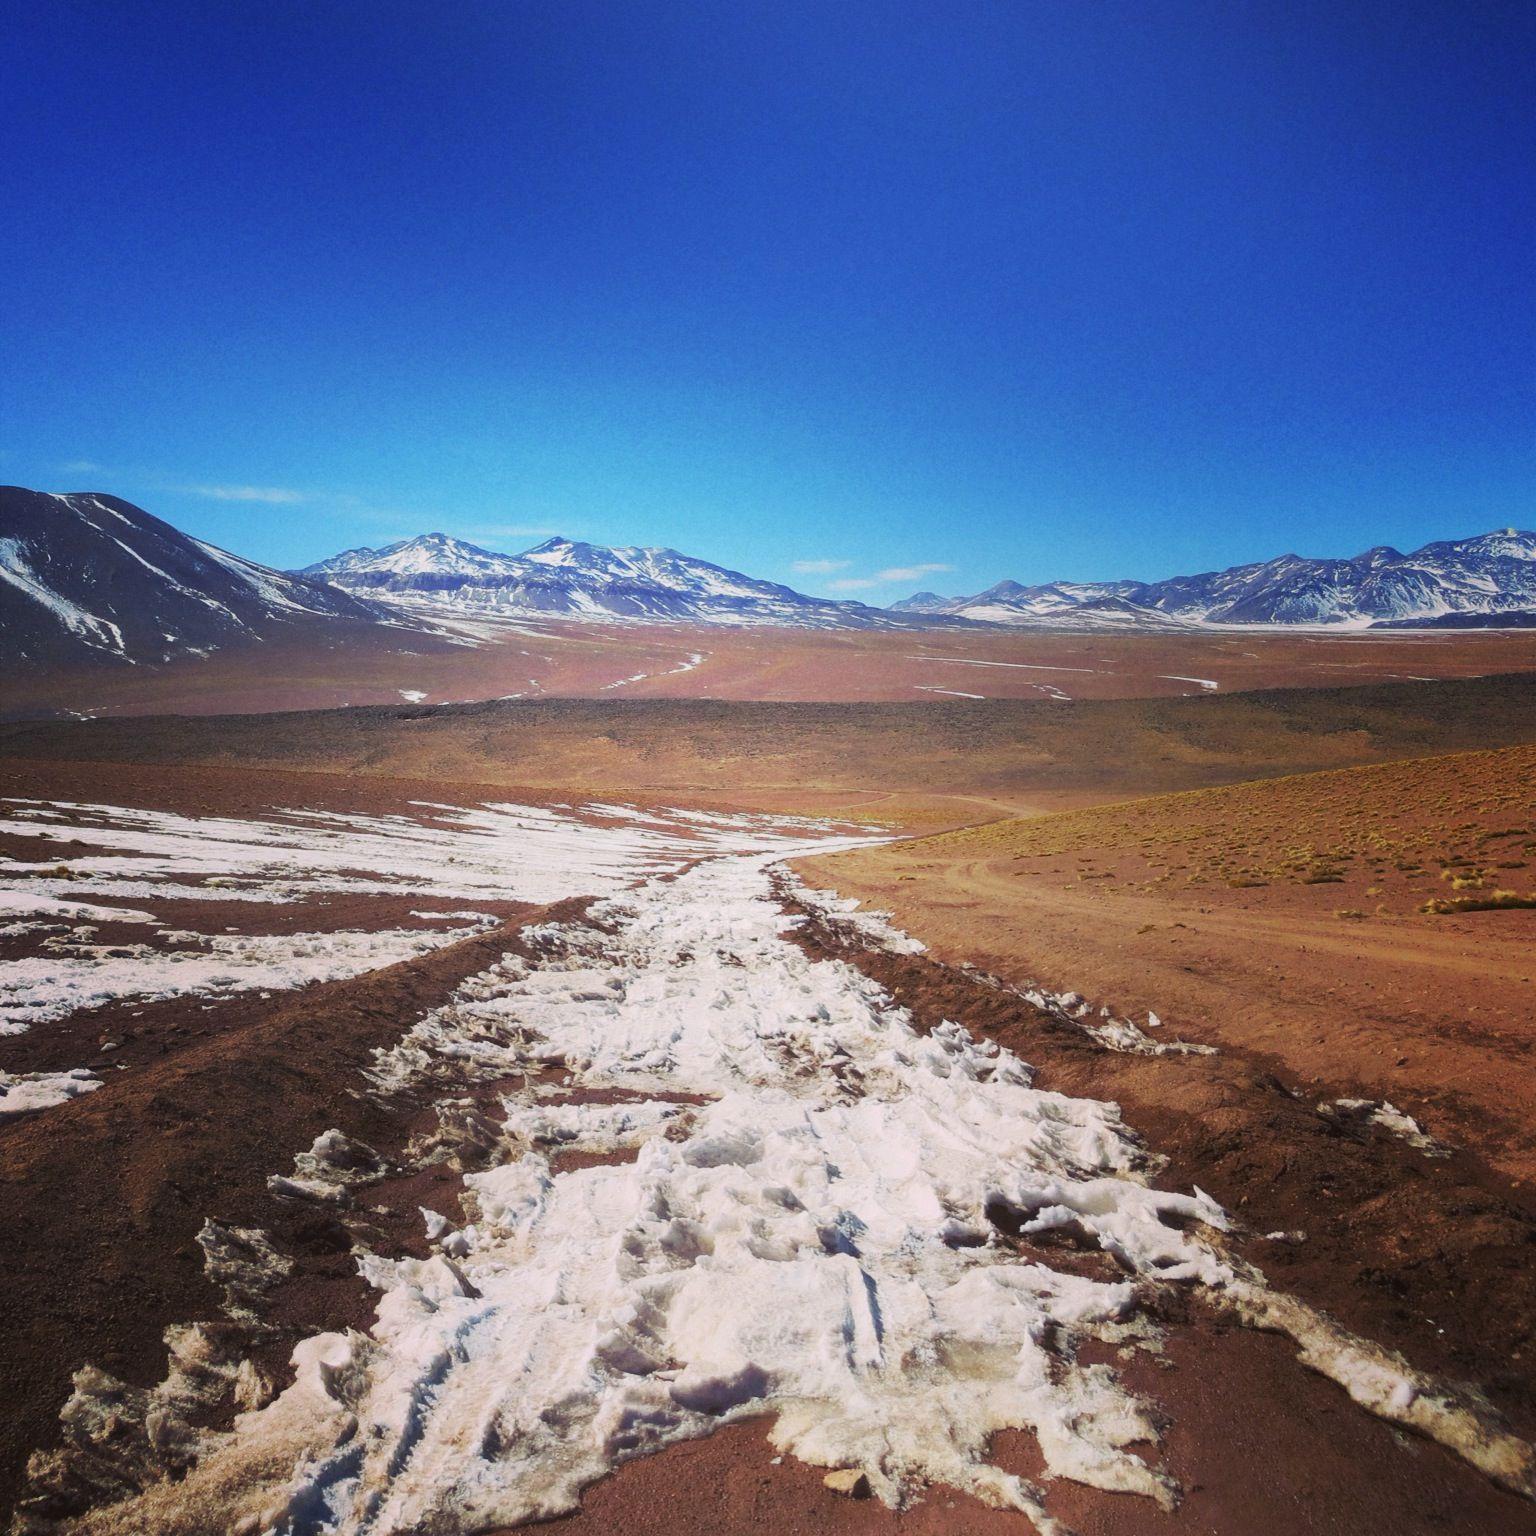 Camino a Géisers del Tatio, San Pedro de Atacama, Chile.